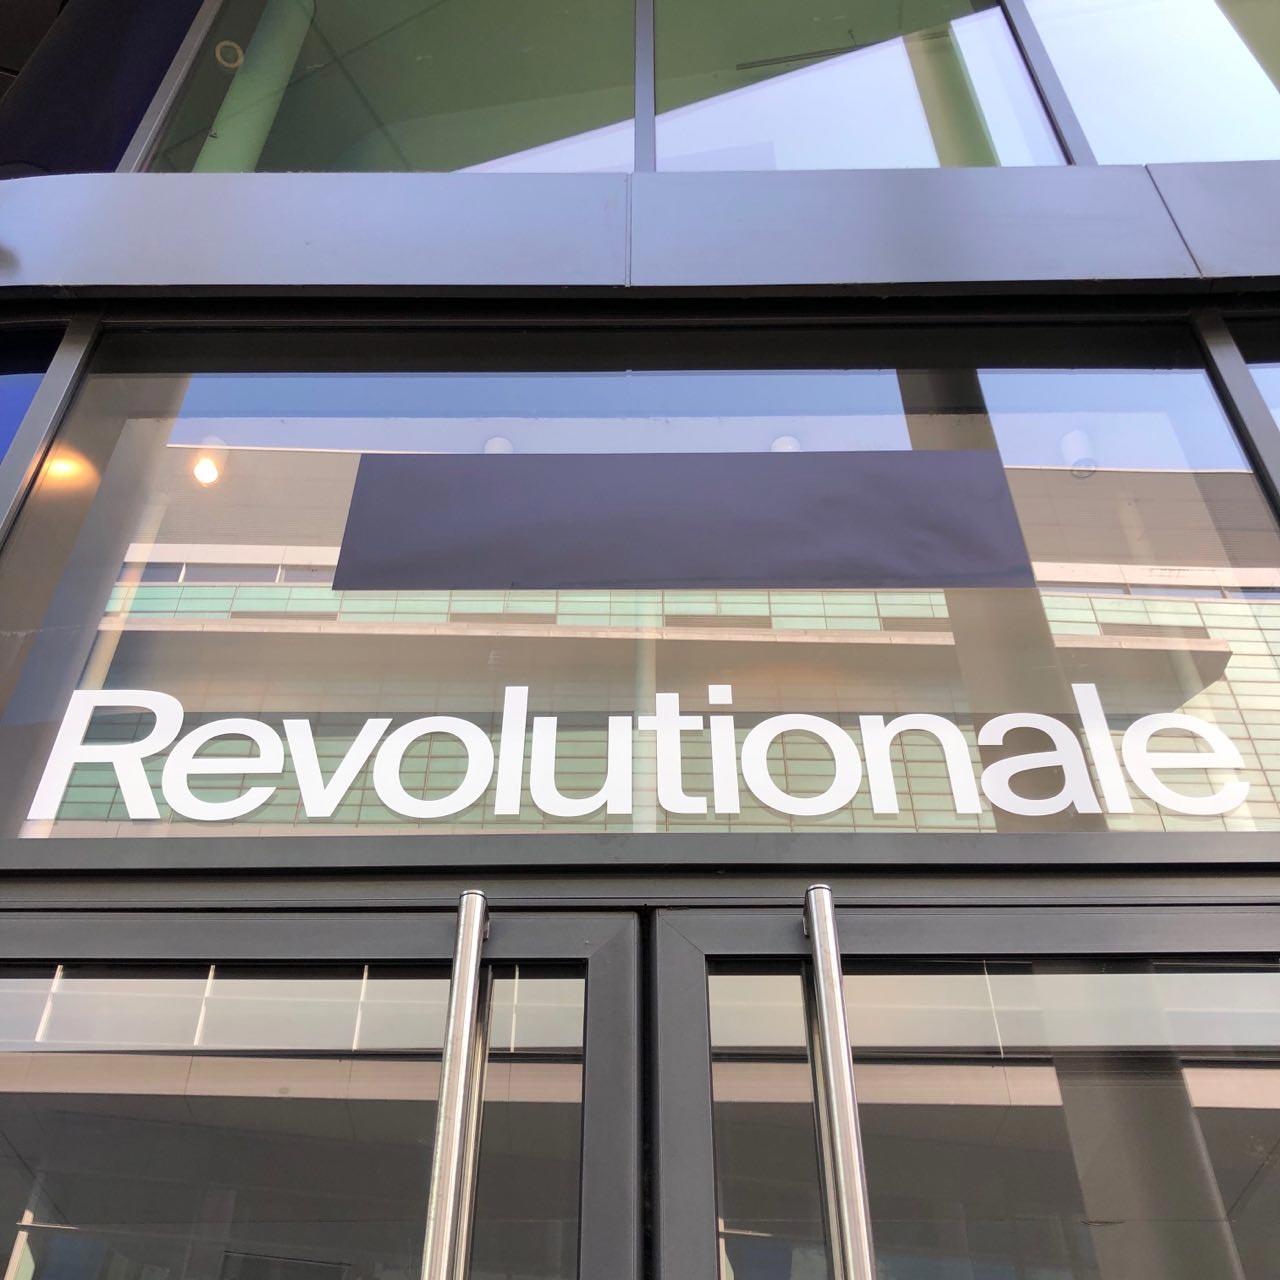 Revolutionale